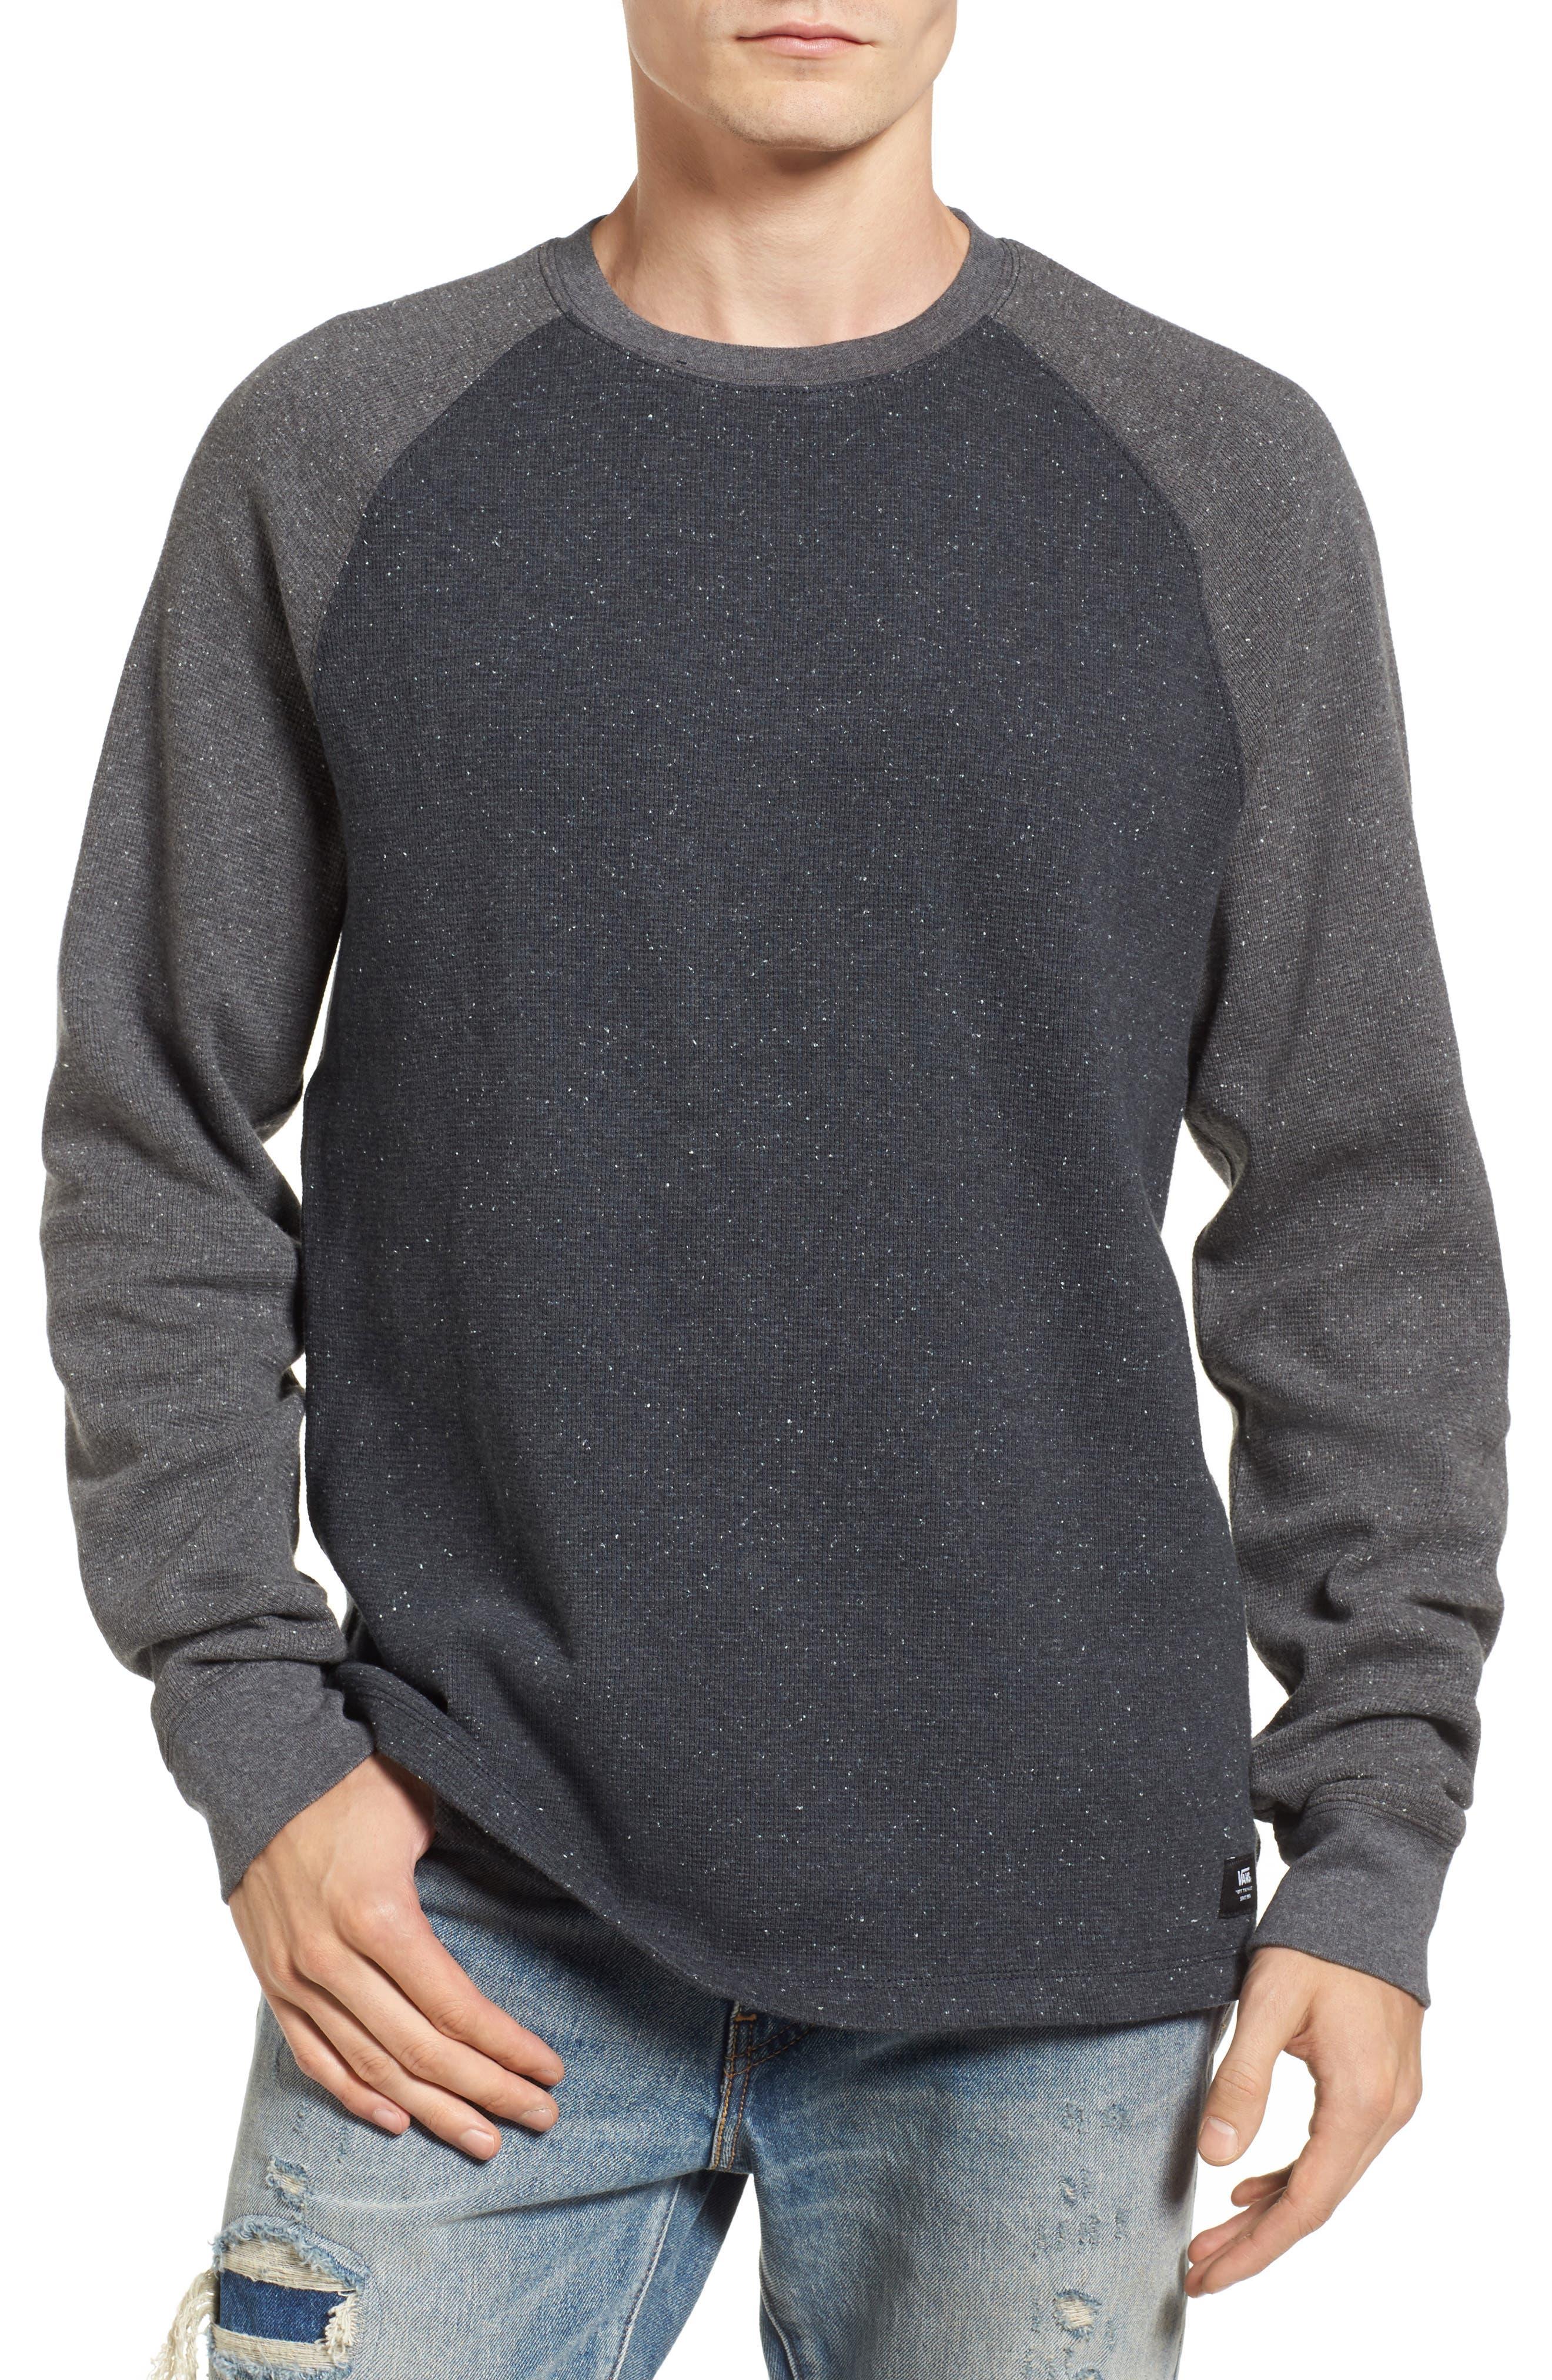 Alternate Image 1 Selected - Vans Burdett Thermal T-Shirt